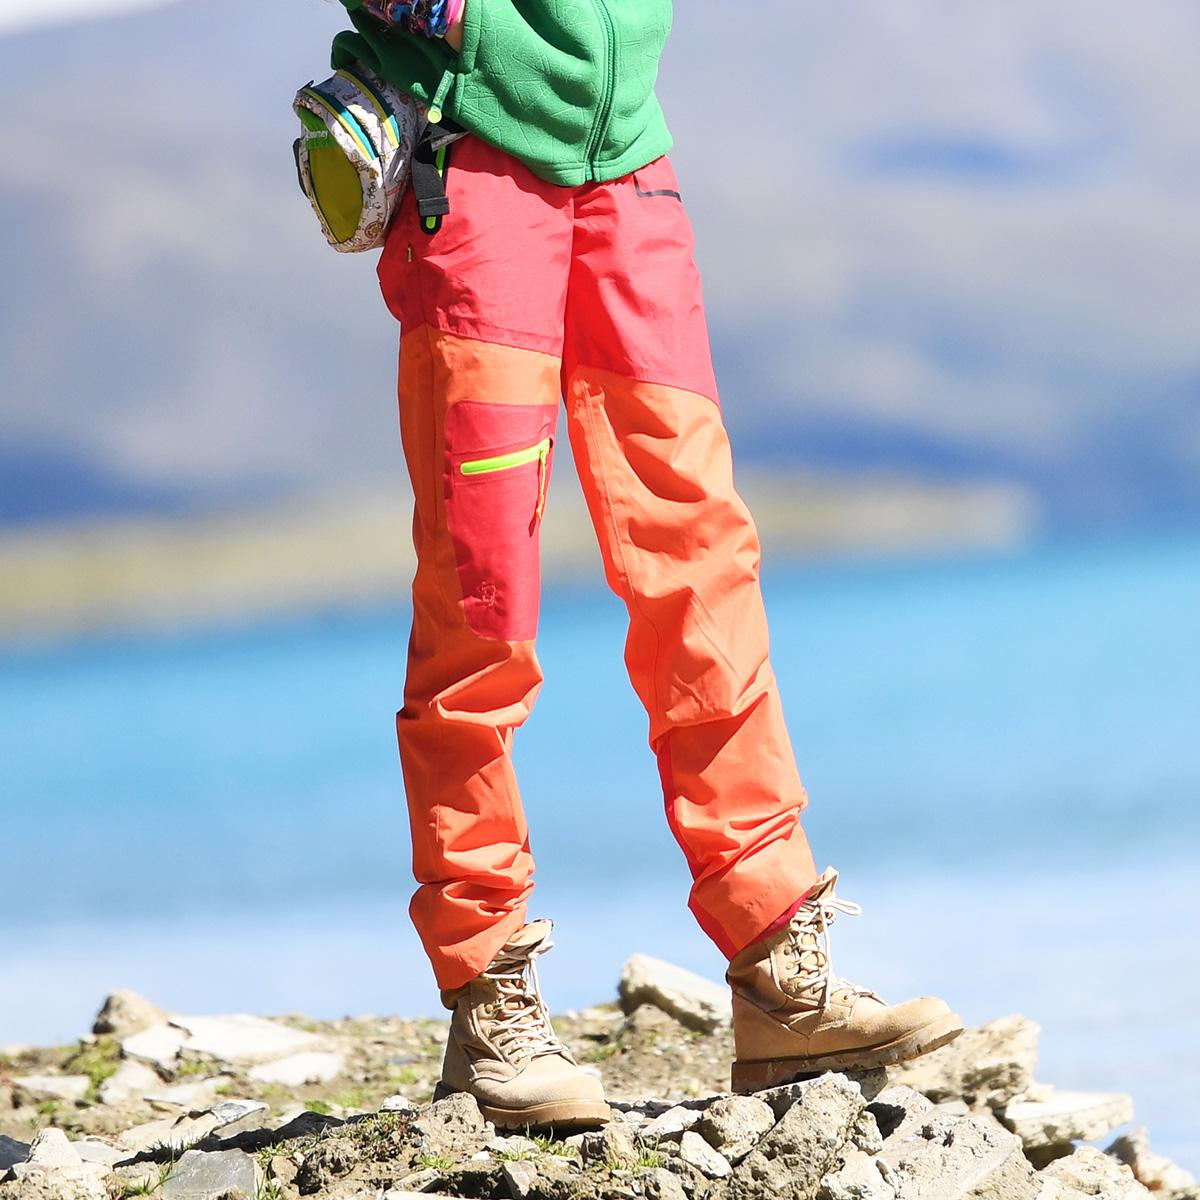 Пекин лес на открытом воздухе зима профессиональный уровень пулемёт брюки один порыв брюки восхождение брюки водонепроницаемый воздухопроницаемый ветер смешанные цвета женский